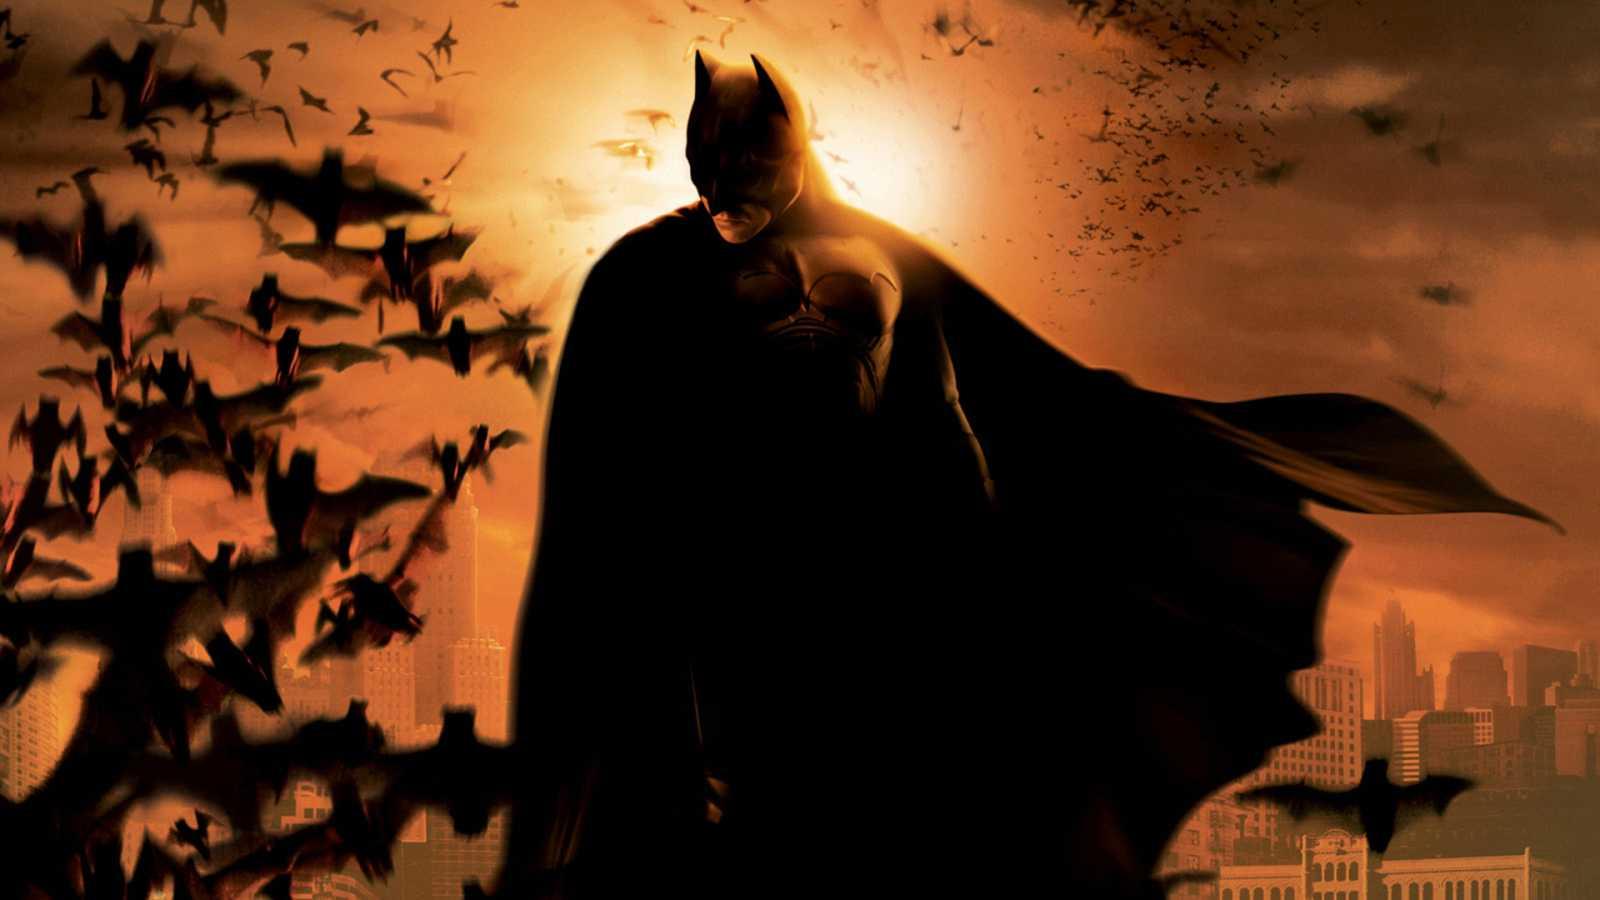 La trilogía del Caballero Oscuro regresará a los cines en Hong Kong y Taiwan para reactivar las salas